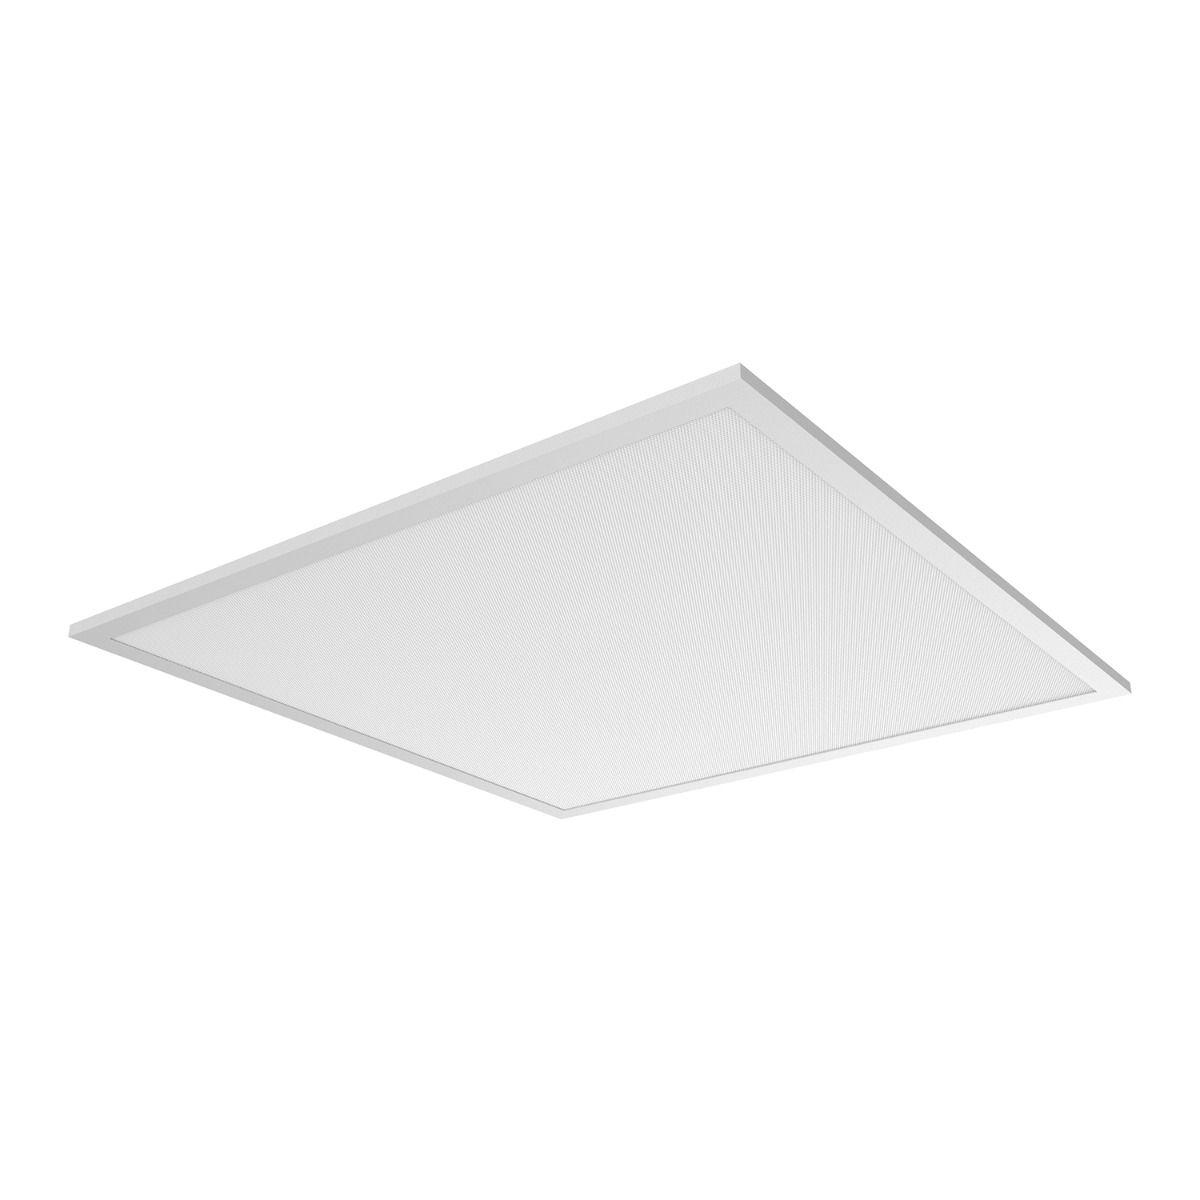 Noxion LED panel Delta Pro V3 30W 4000K 4070lm 60x60cm UGR <19 | kald hvit - erstatter 4x18W